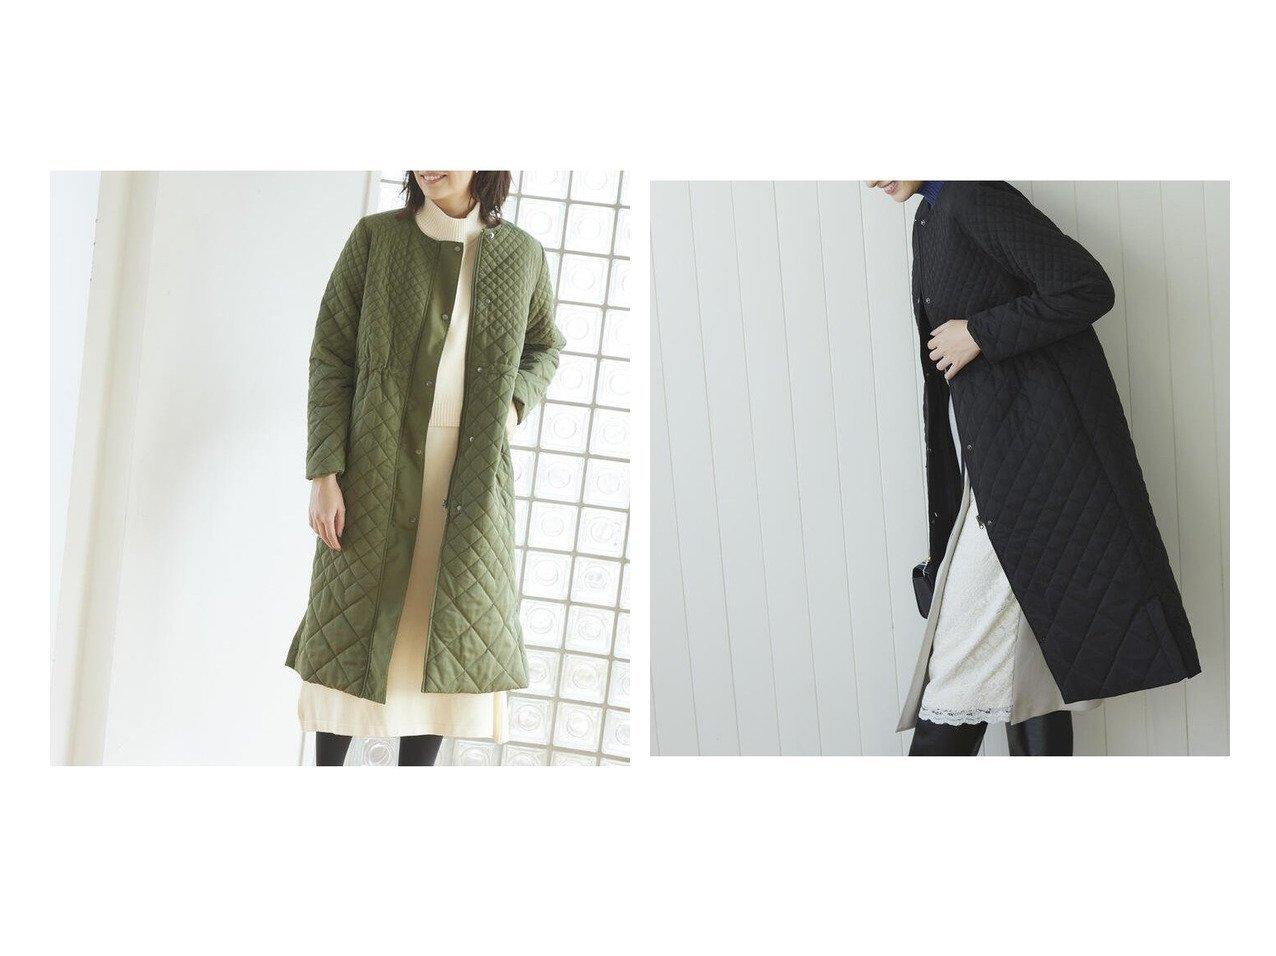 【Ketty/ケティ】のノーカラーキルティングAラインコート アウターのおすすめ!人気、トレンド・レディースファッションの通販 おすすめで人気の流行・トレンド、ファッションの通販商品 メンズファッション・キッズファッション・インテリア・家具・レディースファッション・服の通販 founy(ファニー) https://founy.com/ ファッション Fashion レディースファッション WOMEN アウター Coat Outerwear コート Coats Aラインコート A-Line Coats キルティング シェイプ シルバー シンプル タートルネック パイピング 防寒 |ID:crp329100000009340